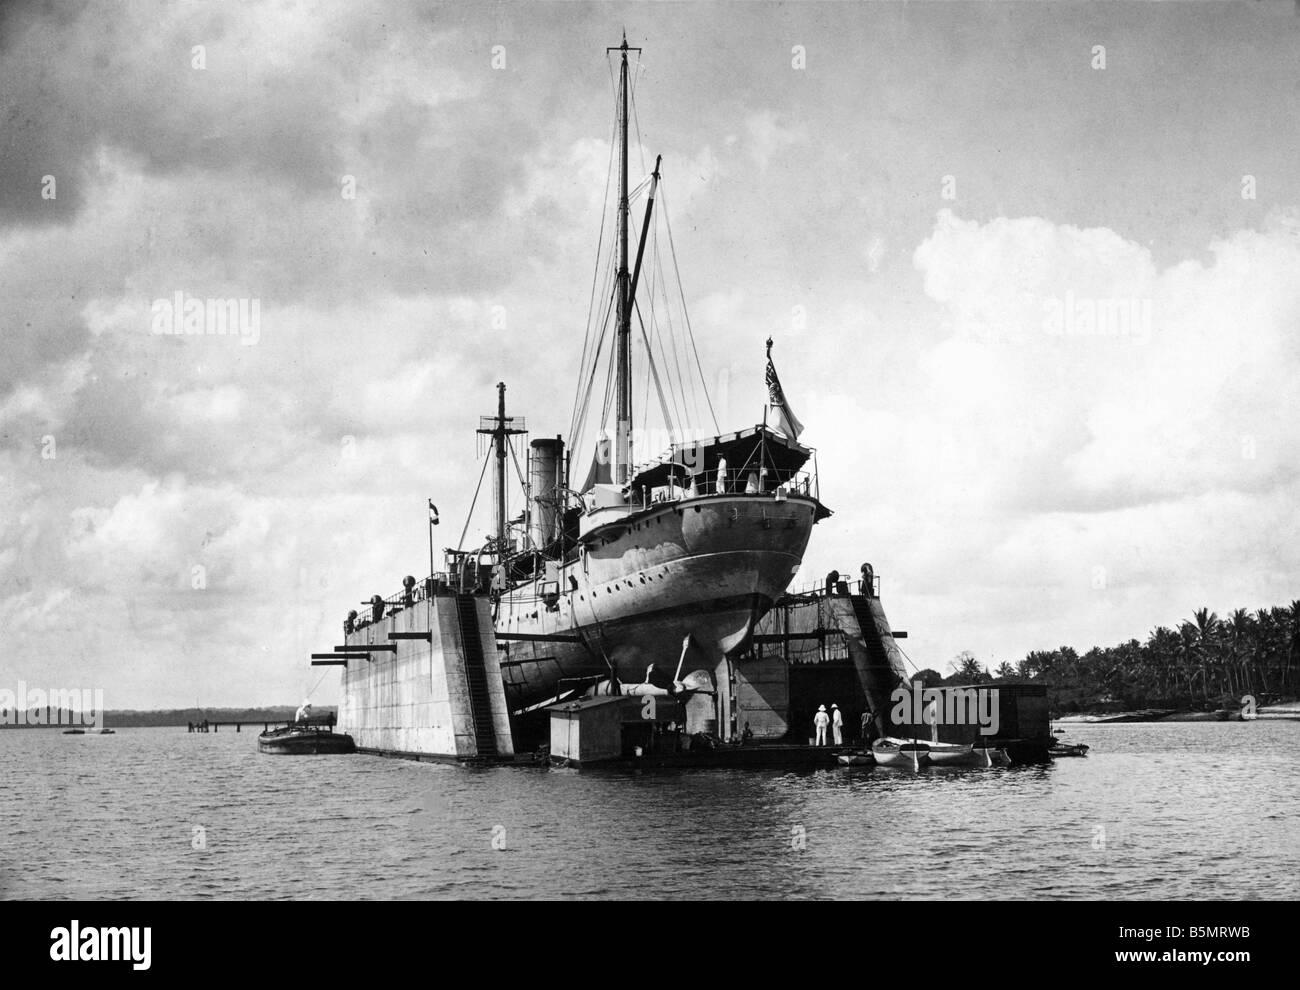 9AF 1914 0 0 A6 3 sistema di cottura a vapore Goetzen Lago Tanganika 1914 la Prima Guerra Mondiale la guerra nelle colonie tedesco East Africa di oggi la Tanzania il cons Foto Stock